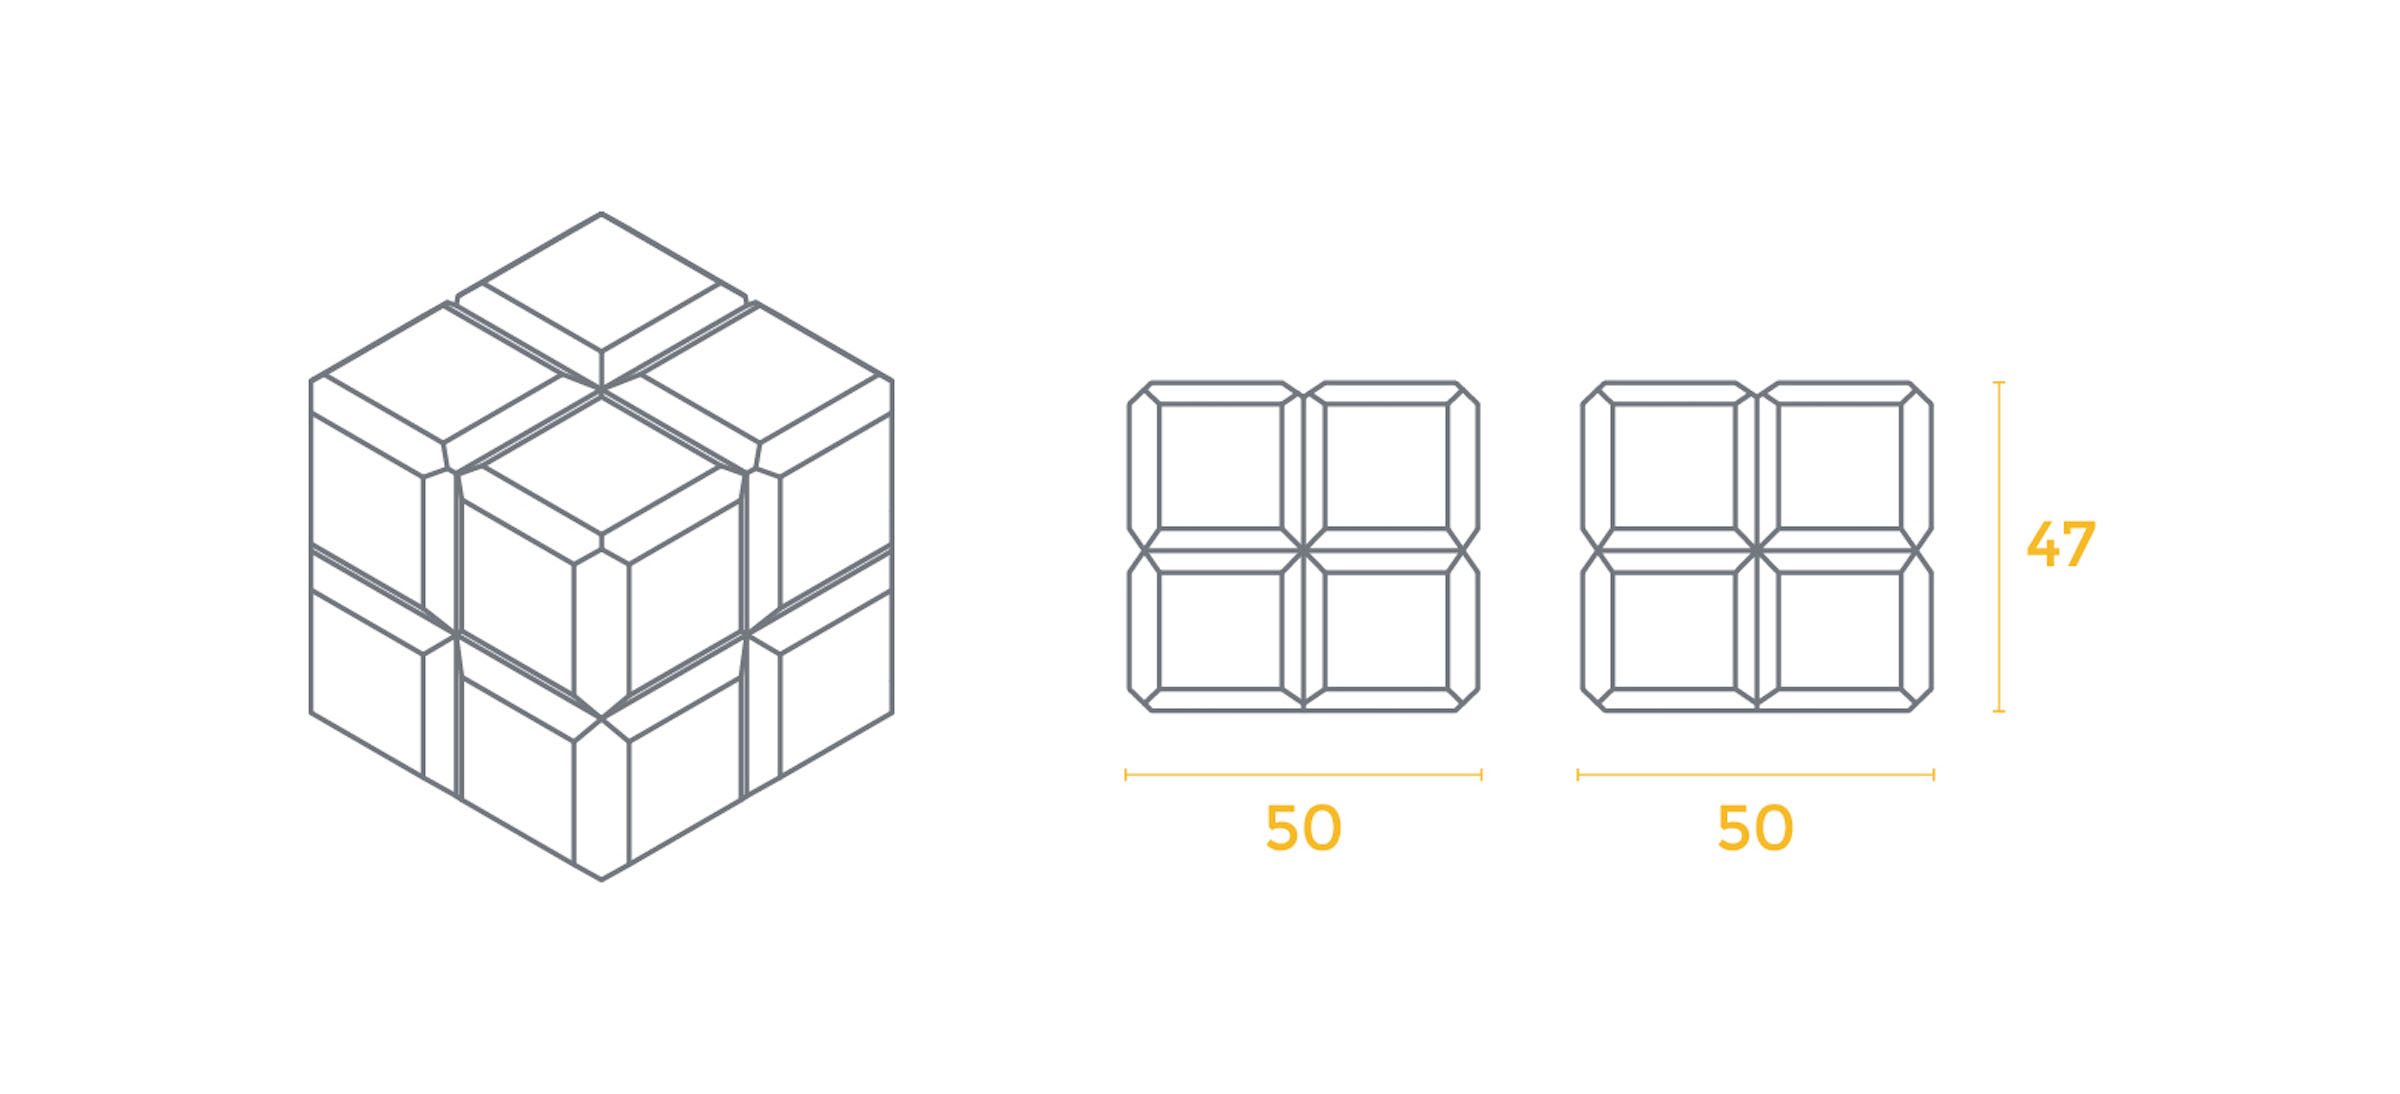 Roblock_dimensions